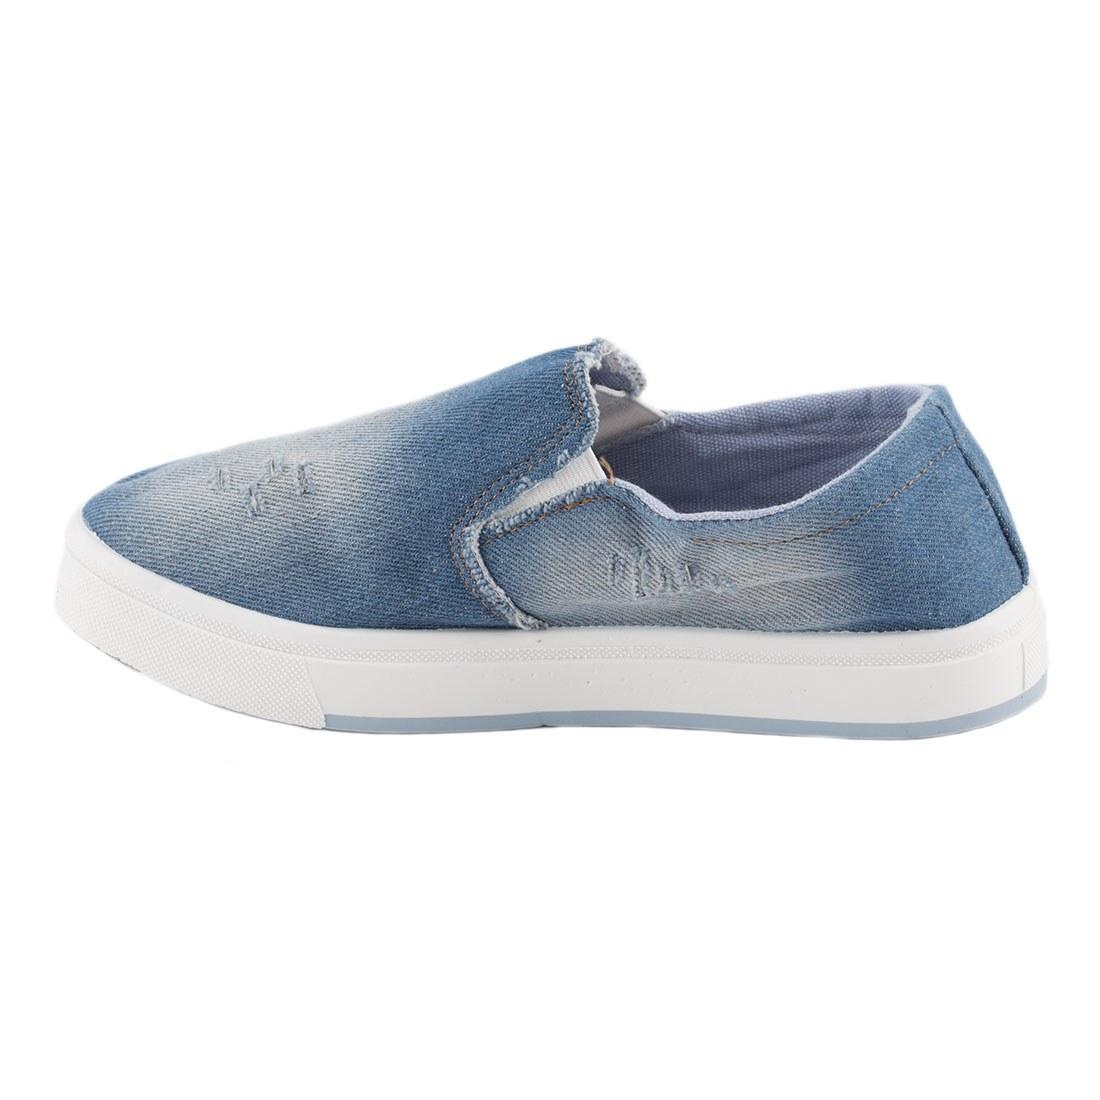 Espadrile dama 8838-BLUE